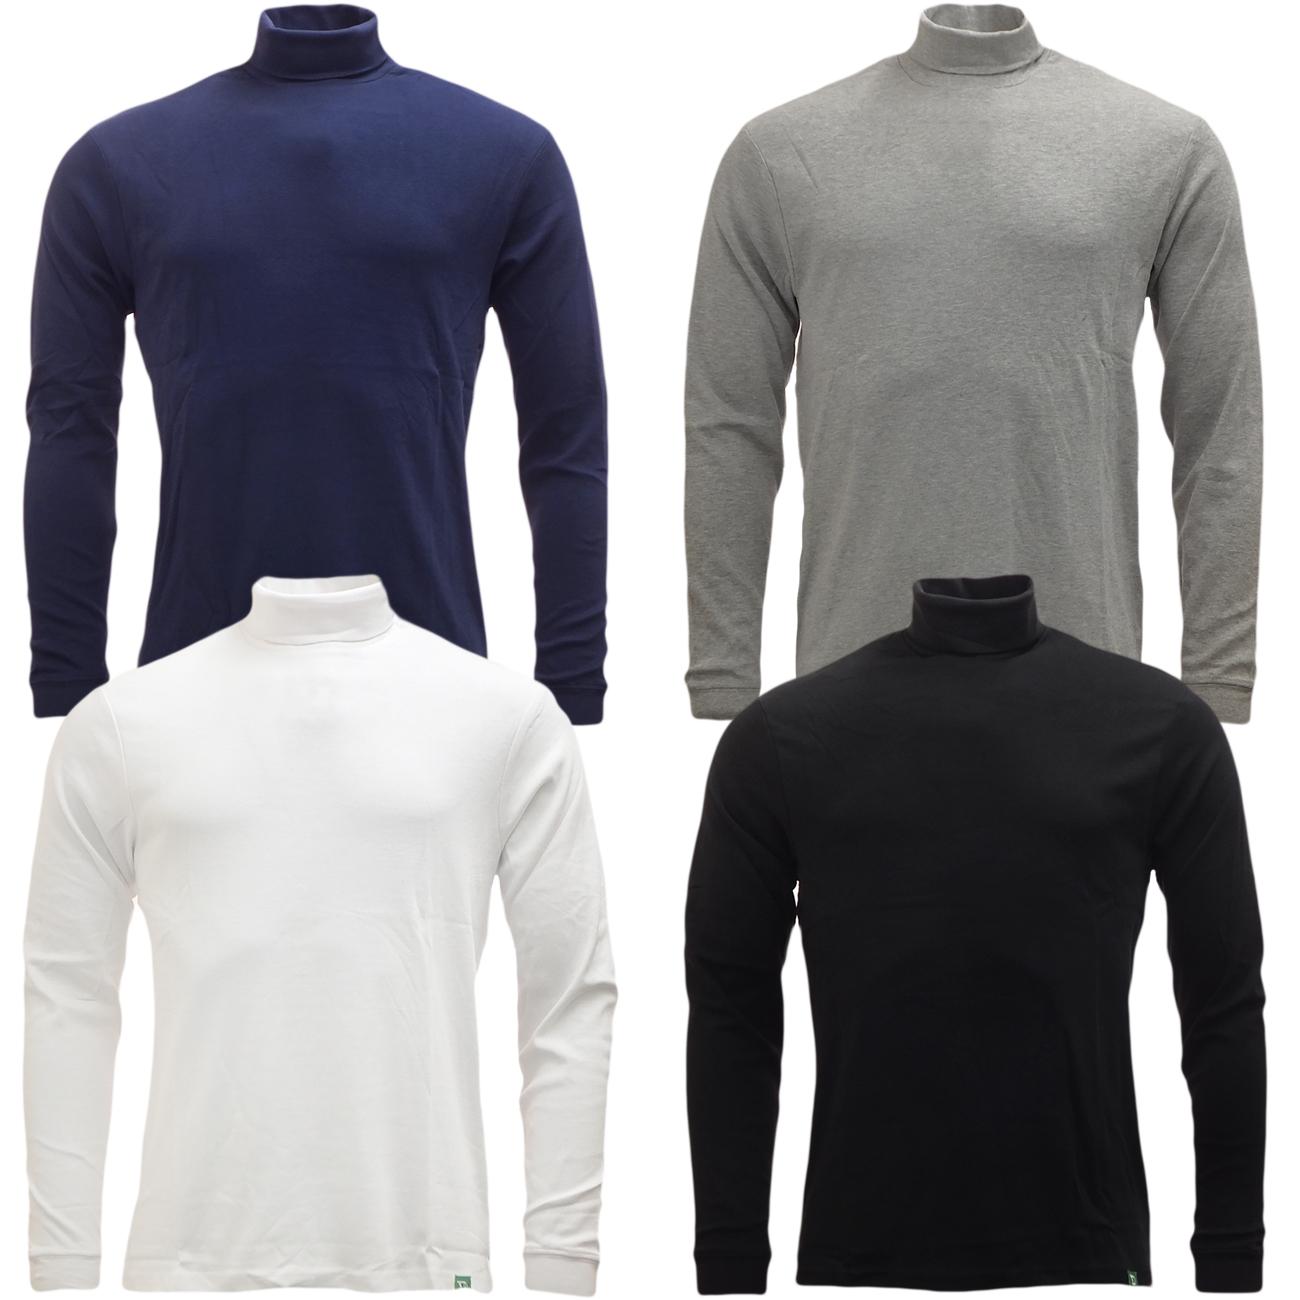 D555 Mens Long Sleeve Roll Neck T Shirt Lightweight New S